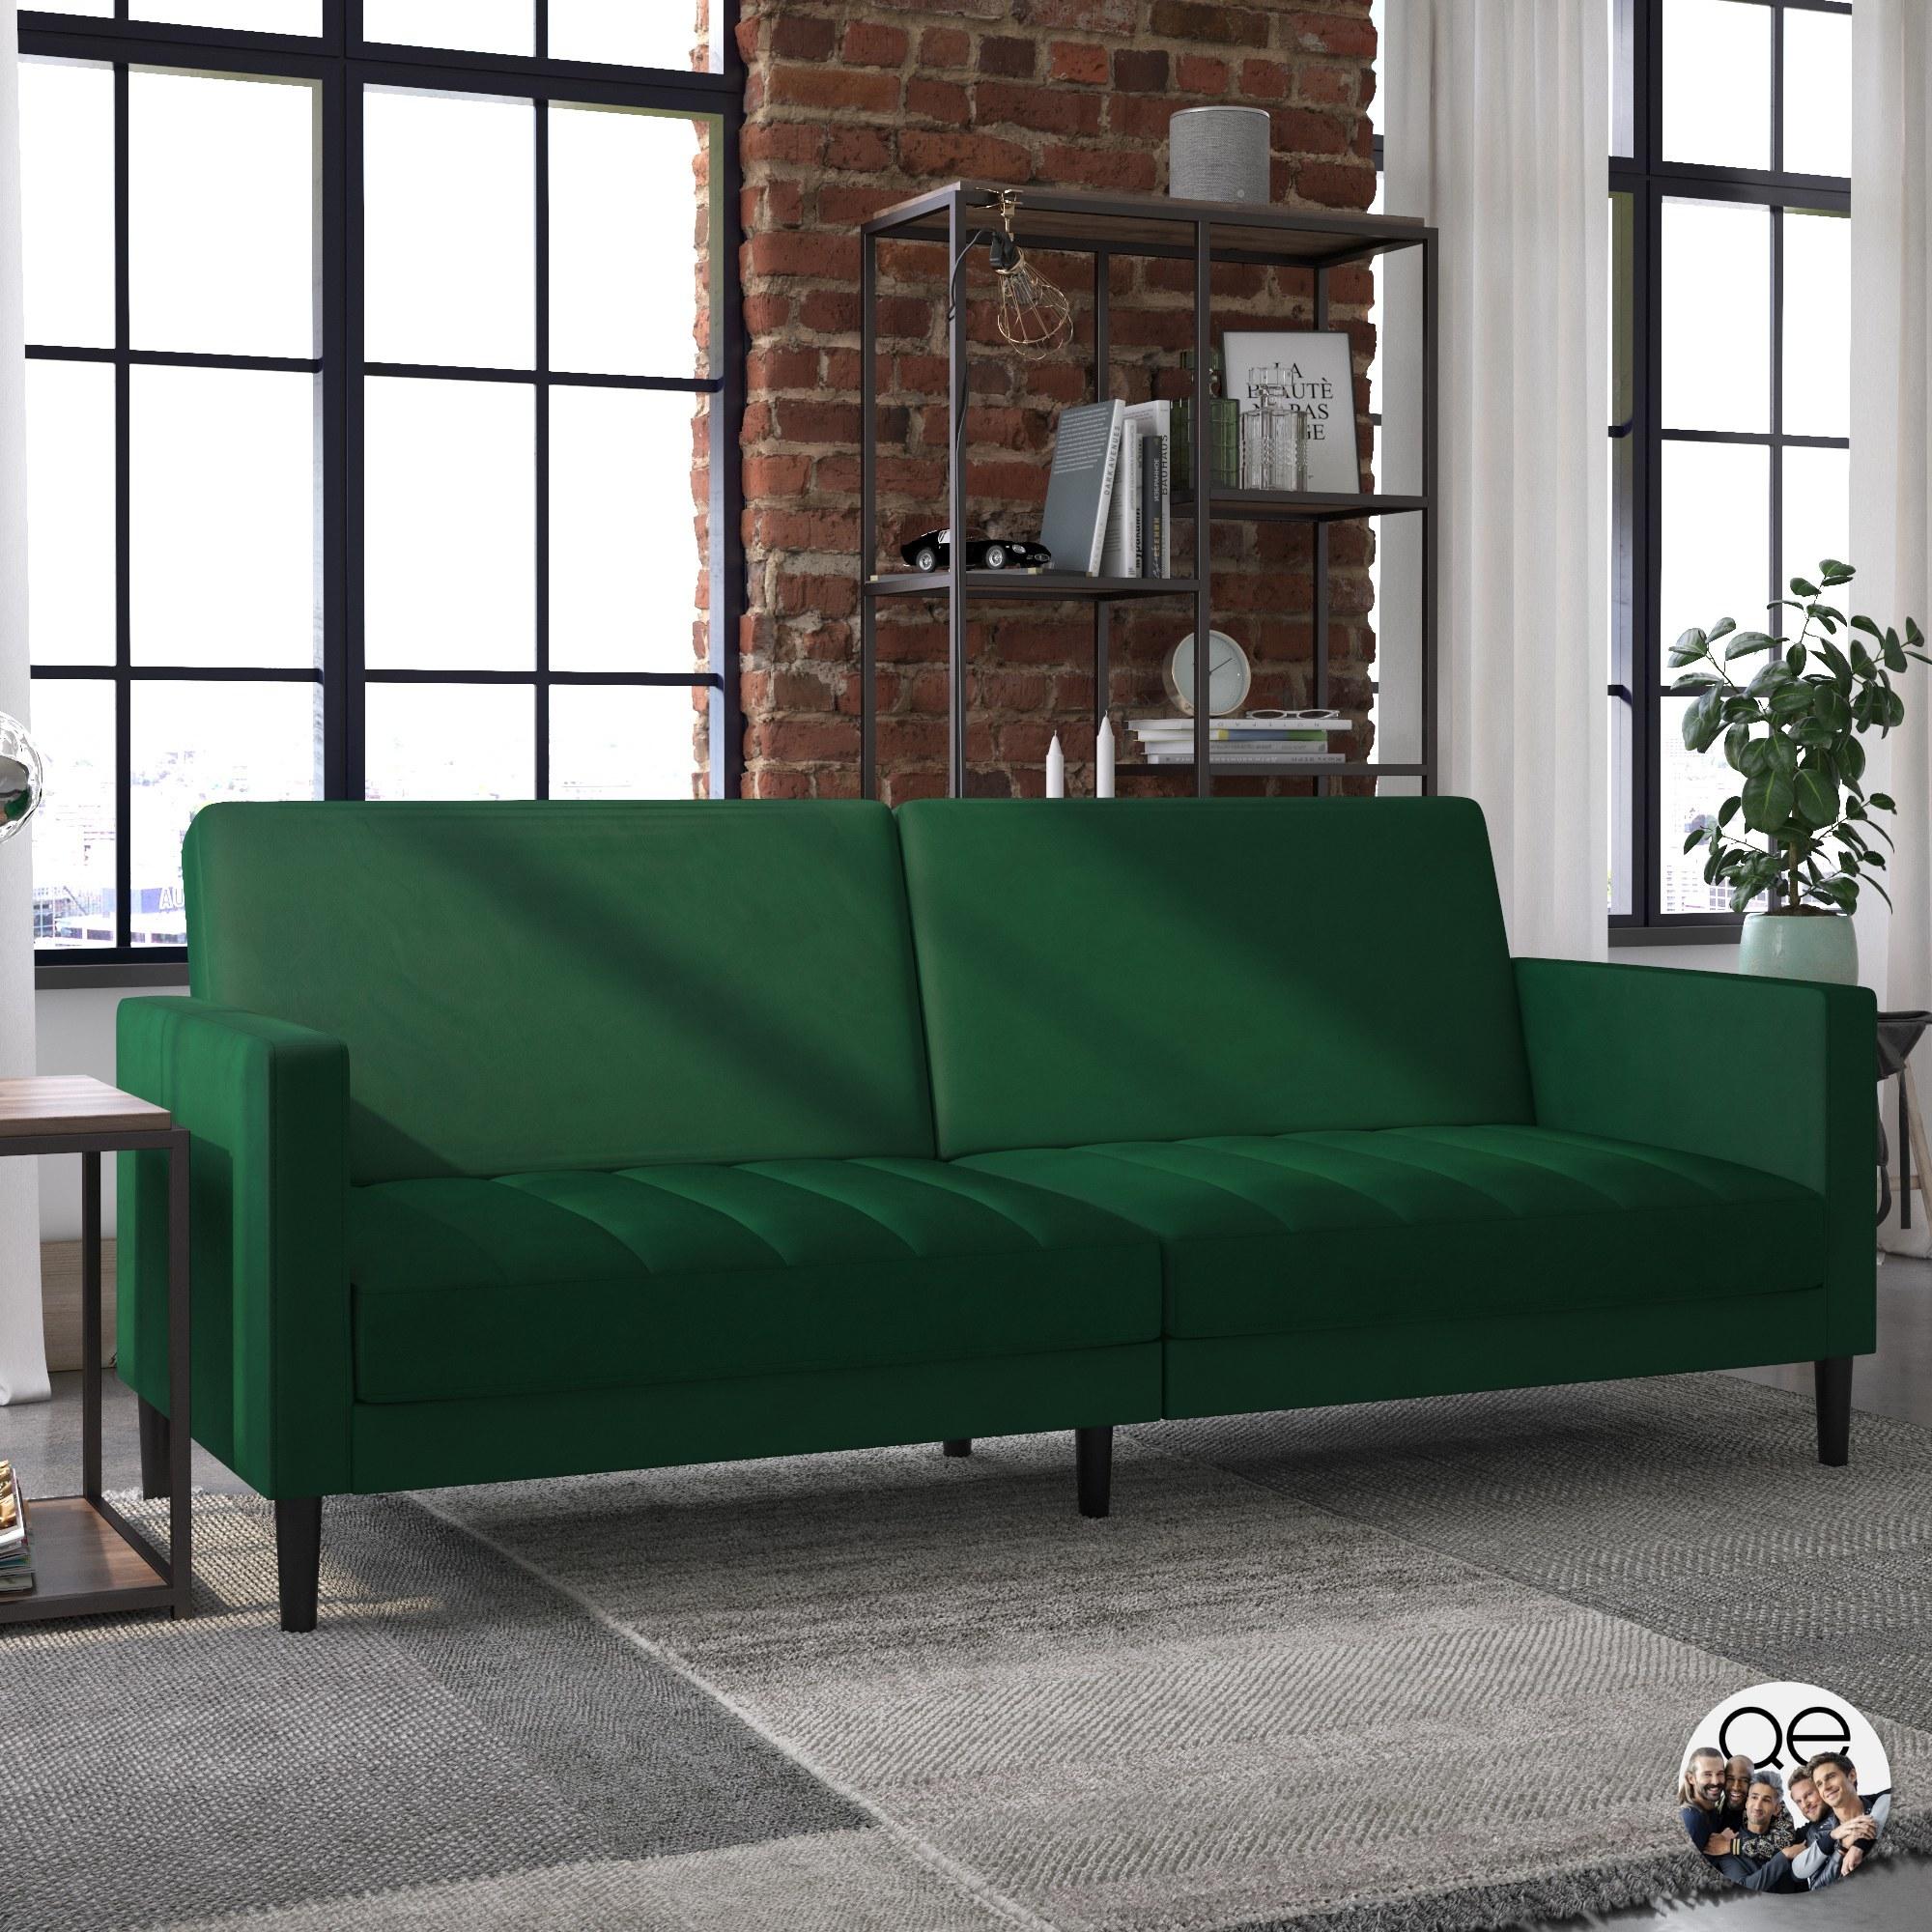 Green velvet sofa with dark wooden legs